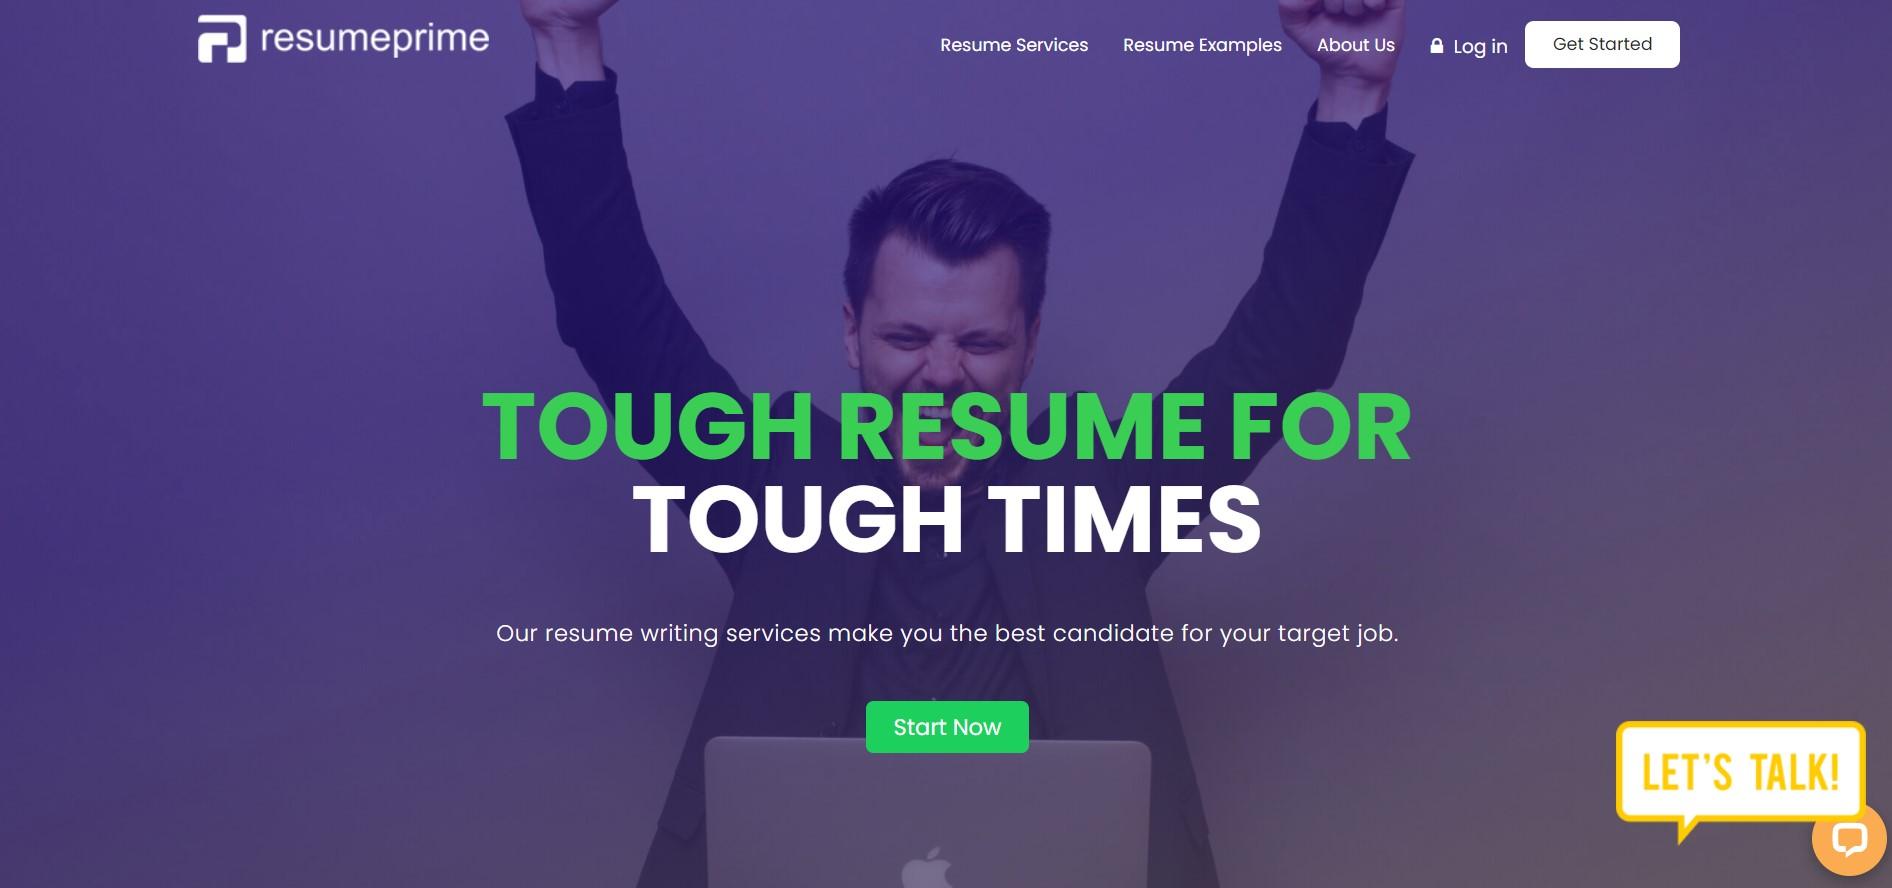 10 Best Resume Writers - screenshot of Resume Prime's homepage